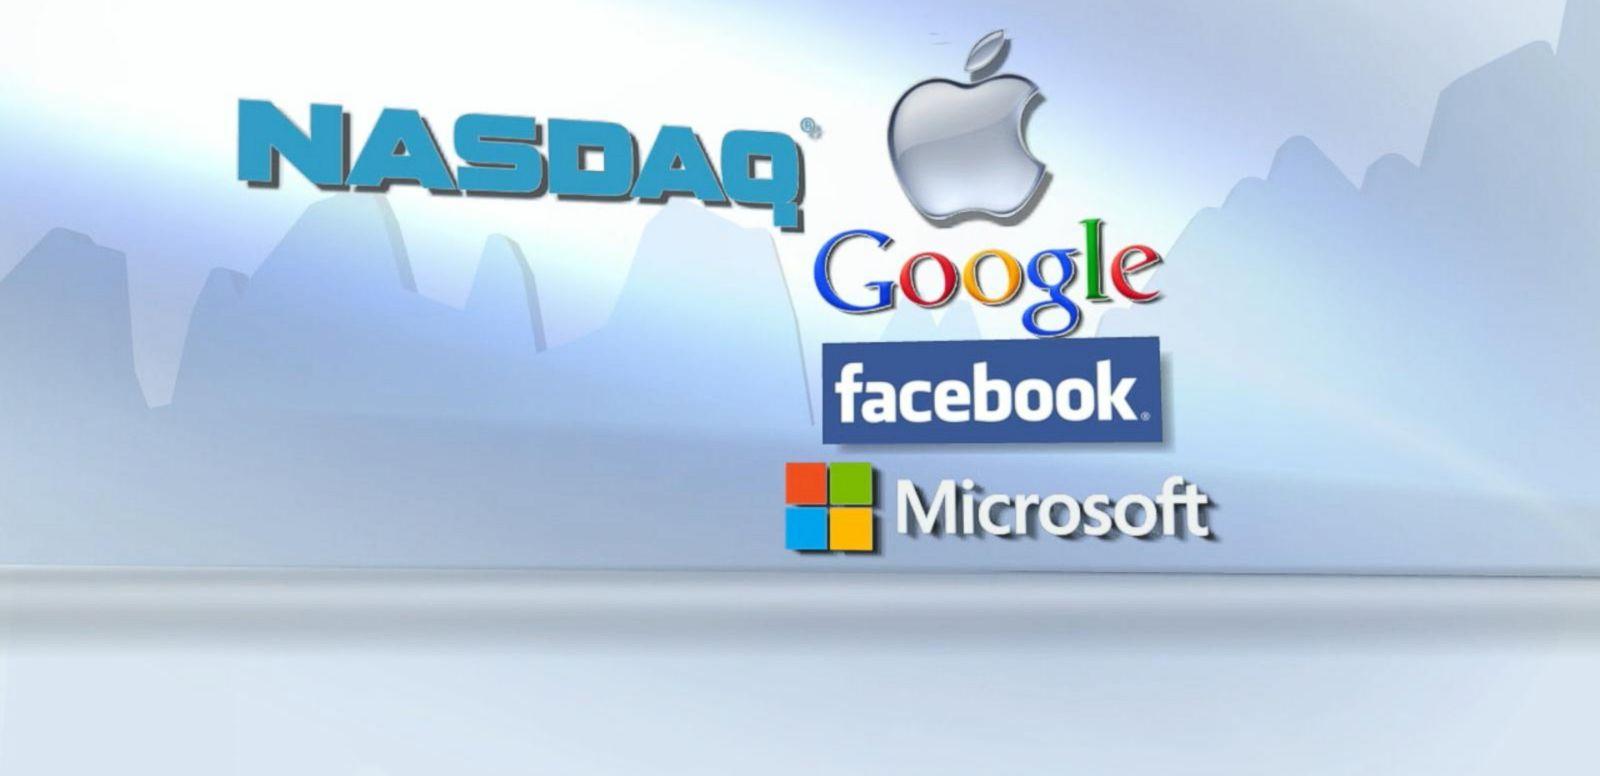 VIDEO: NASDAQ Nears 15-Year High